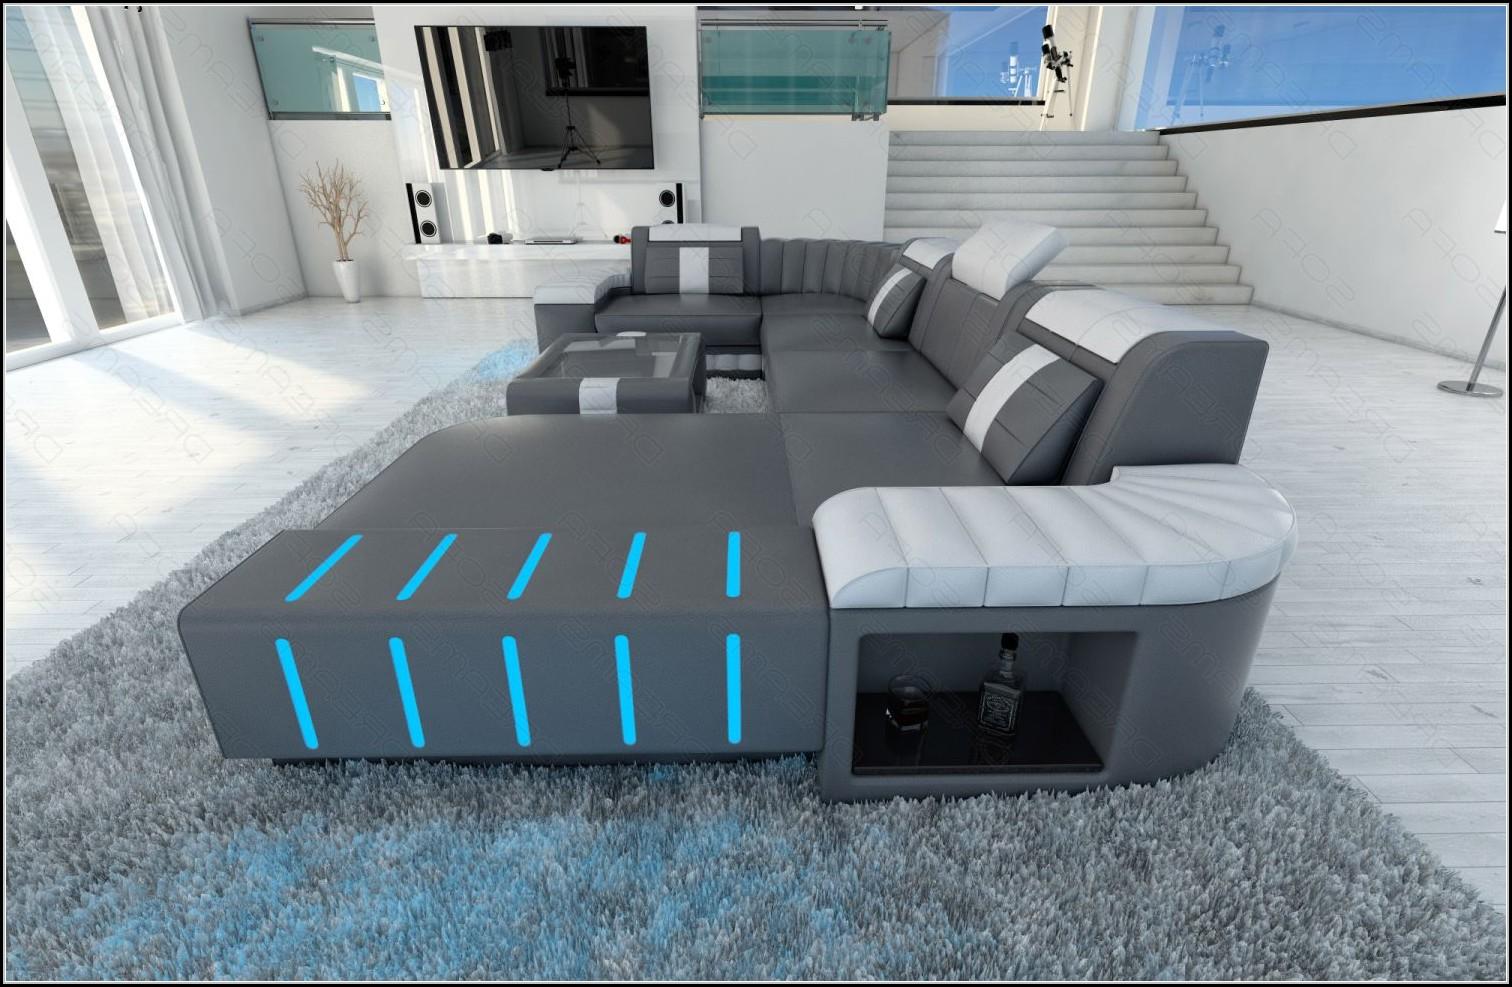 wohnlandschaft mit led beleuchtung beleuchthung house und dekor galerie re1qzp3ryd. Black Bedroom Furniture Sets. Home Design Ideas